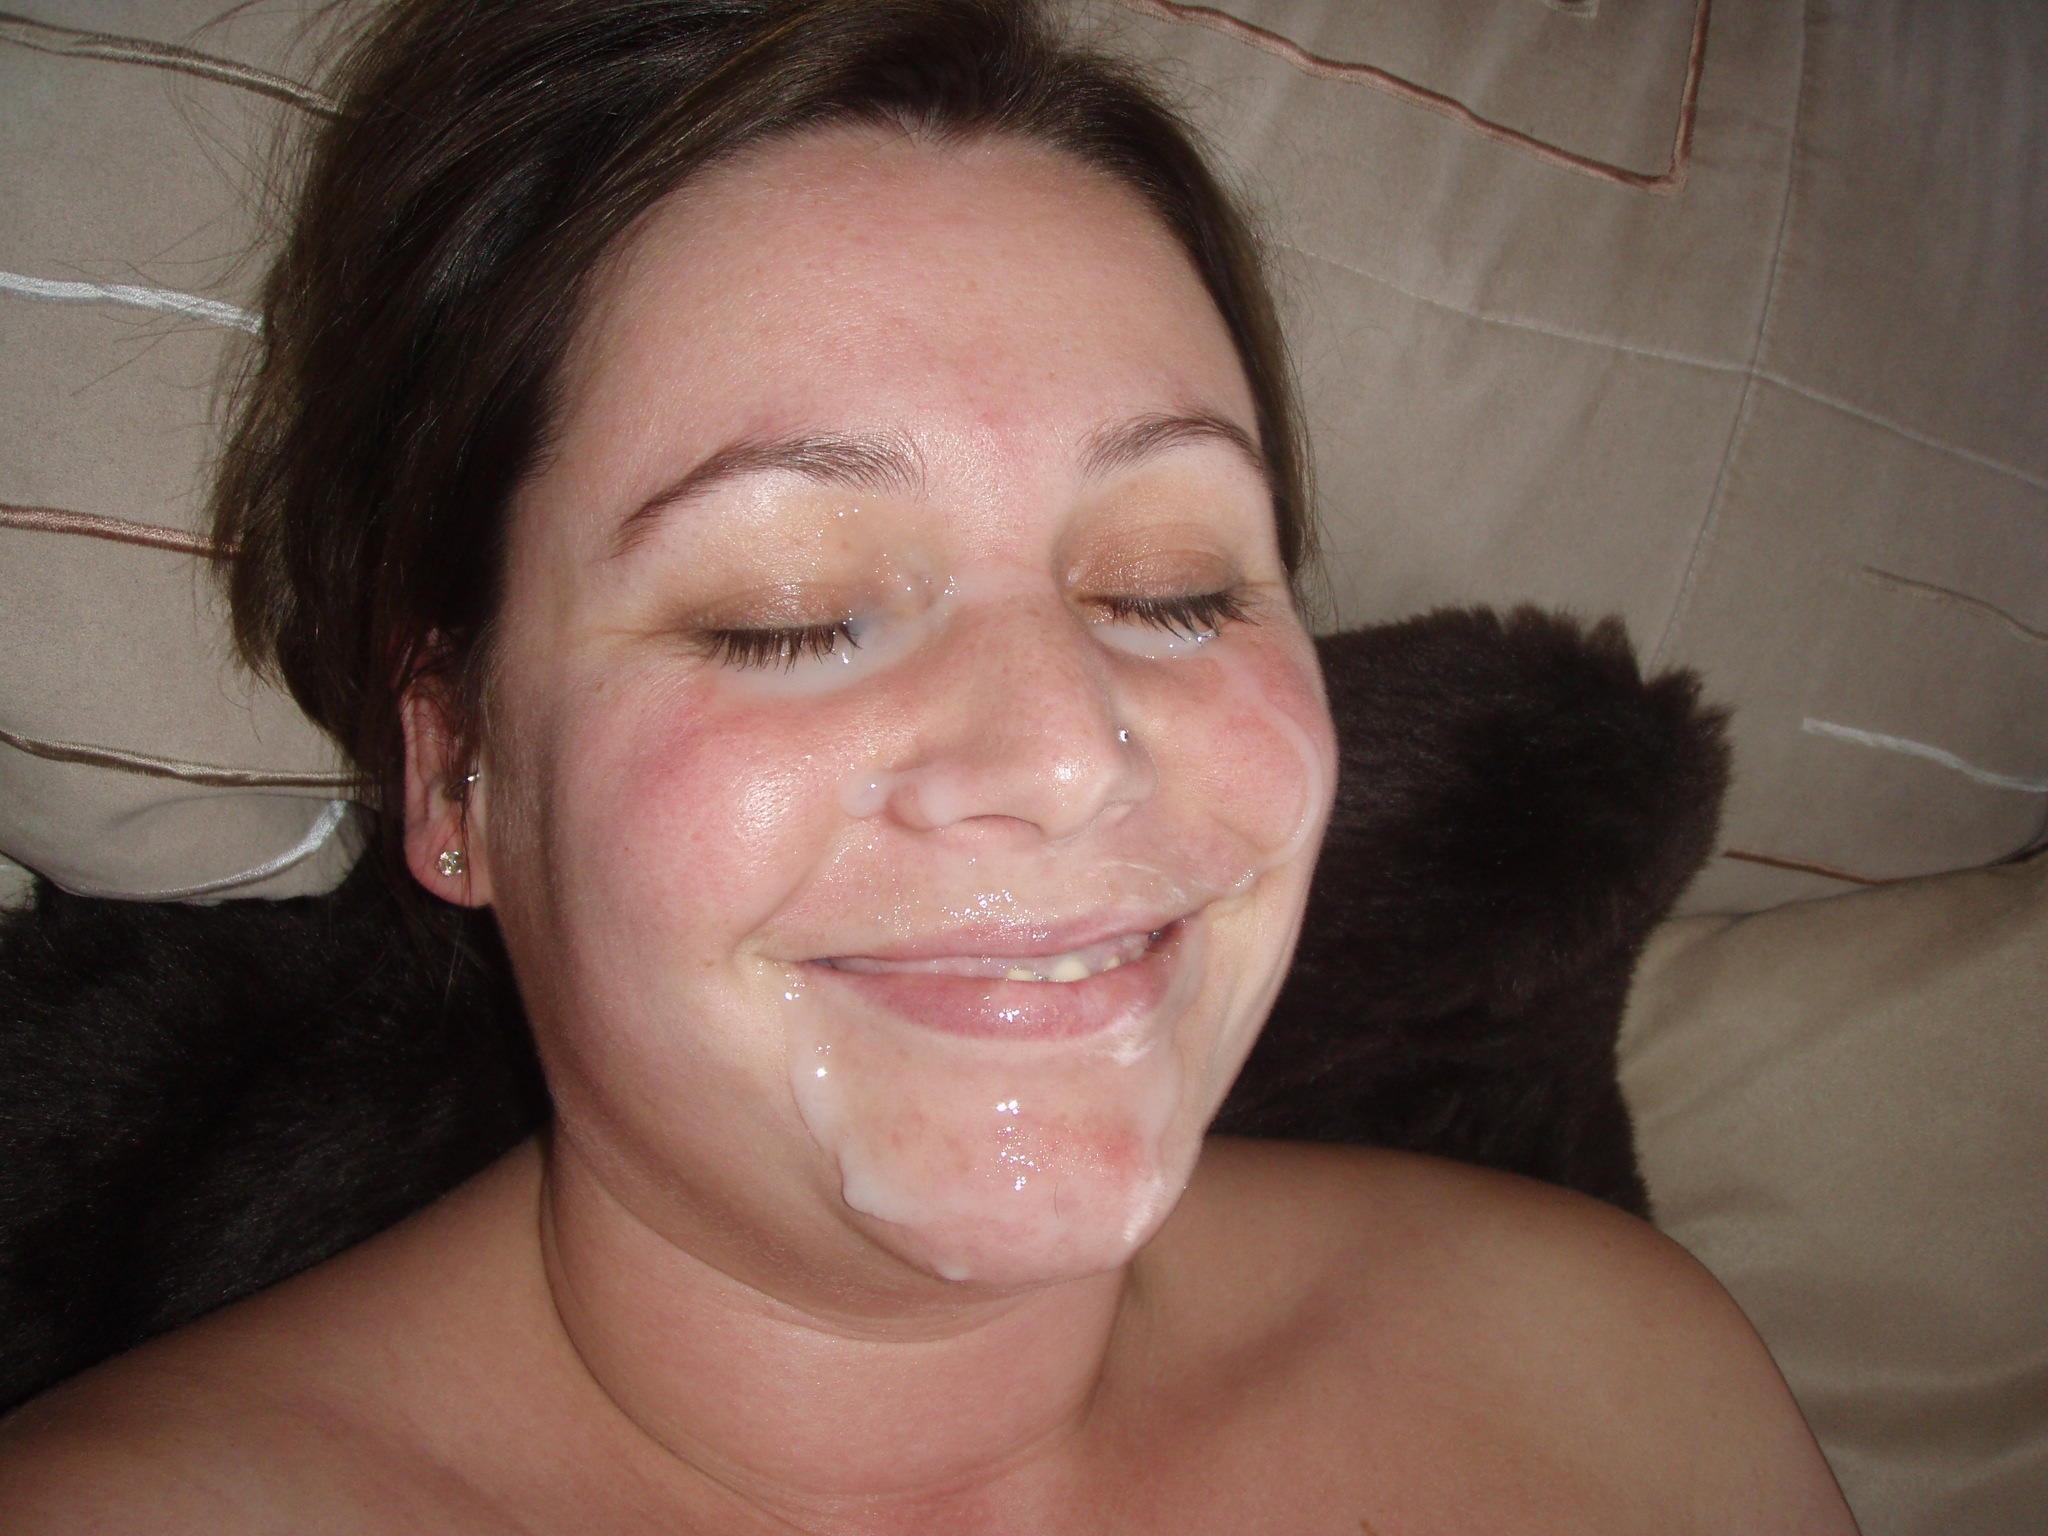 Фото сермы на лицо, Сперма на лице порно фото, девушкам кончают на лицо 6 фотография